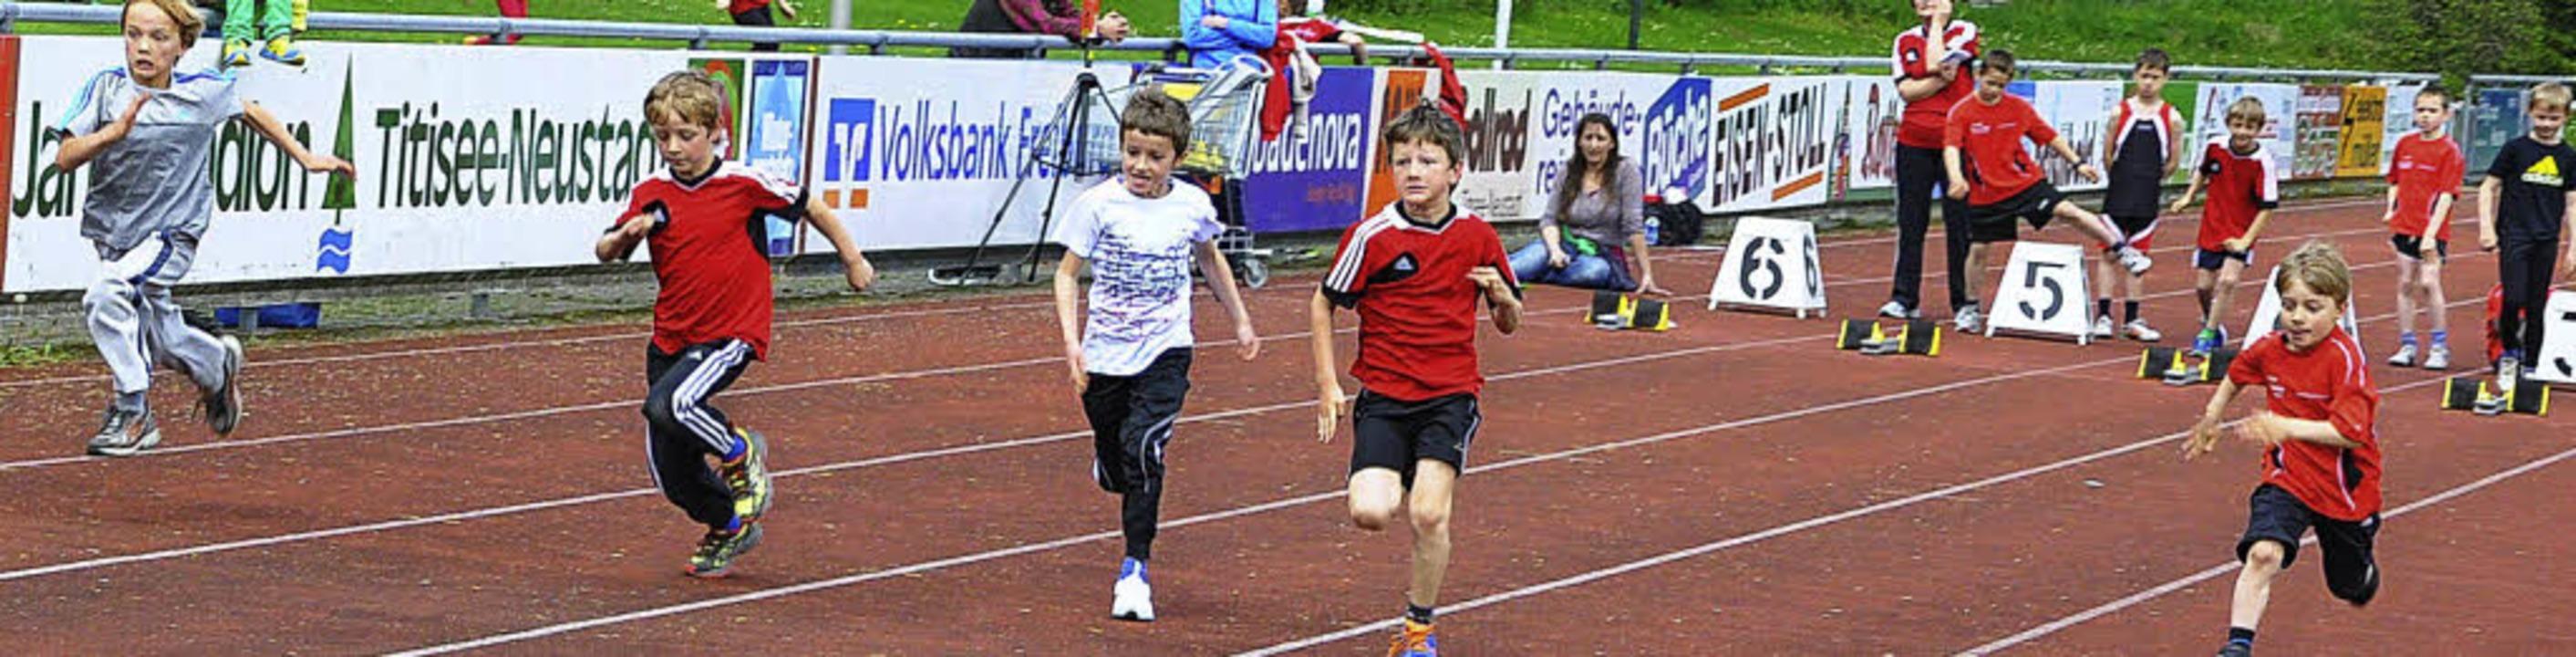 Max Kuttruff, Max Valentin und Michael...eigten in Neustadt eine gute Leistung.    Foto: bz